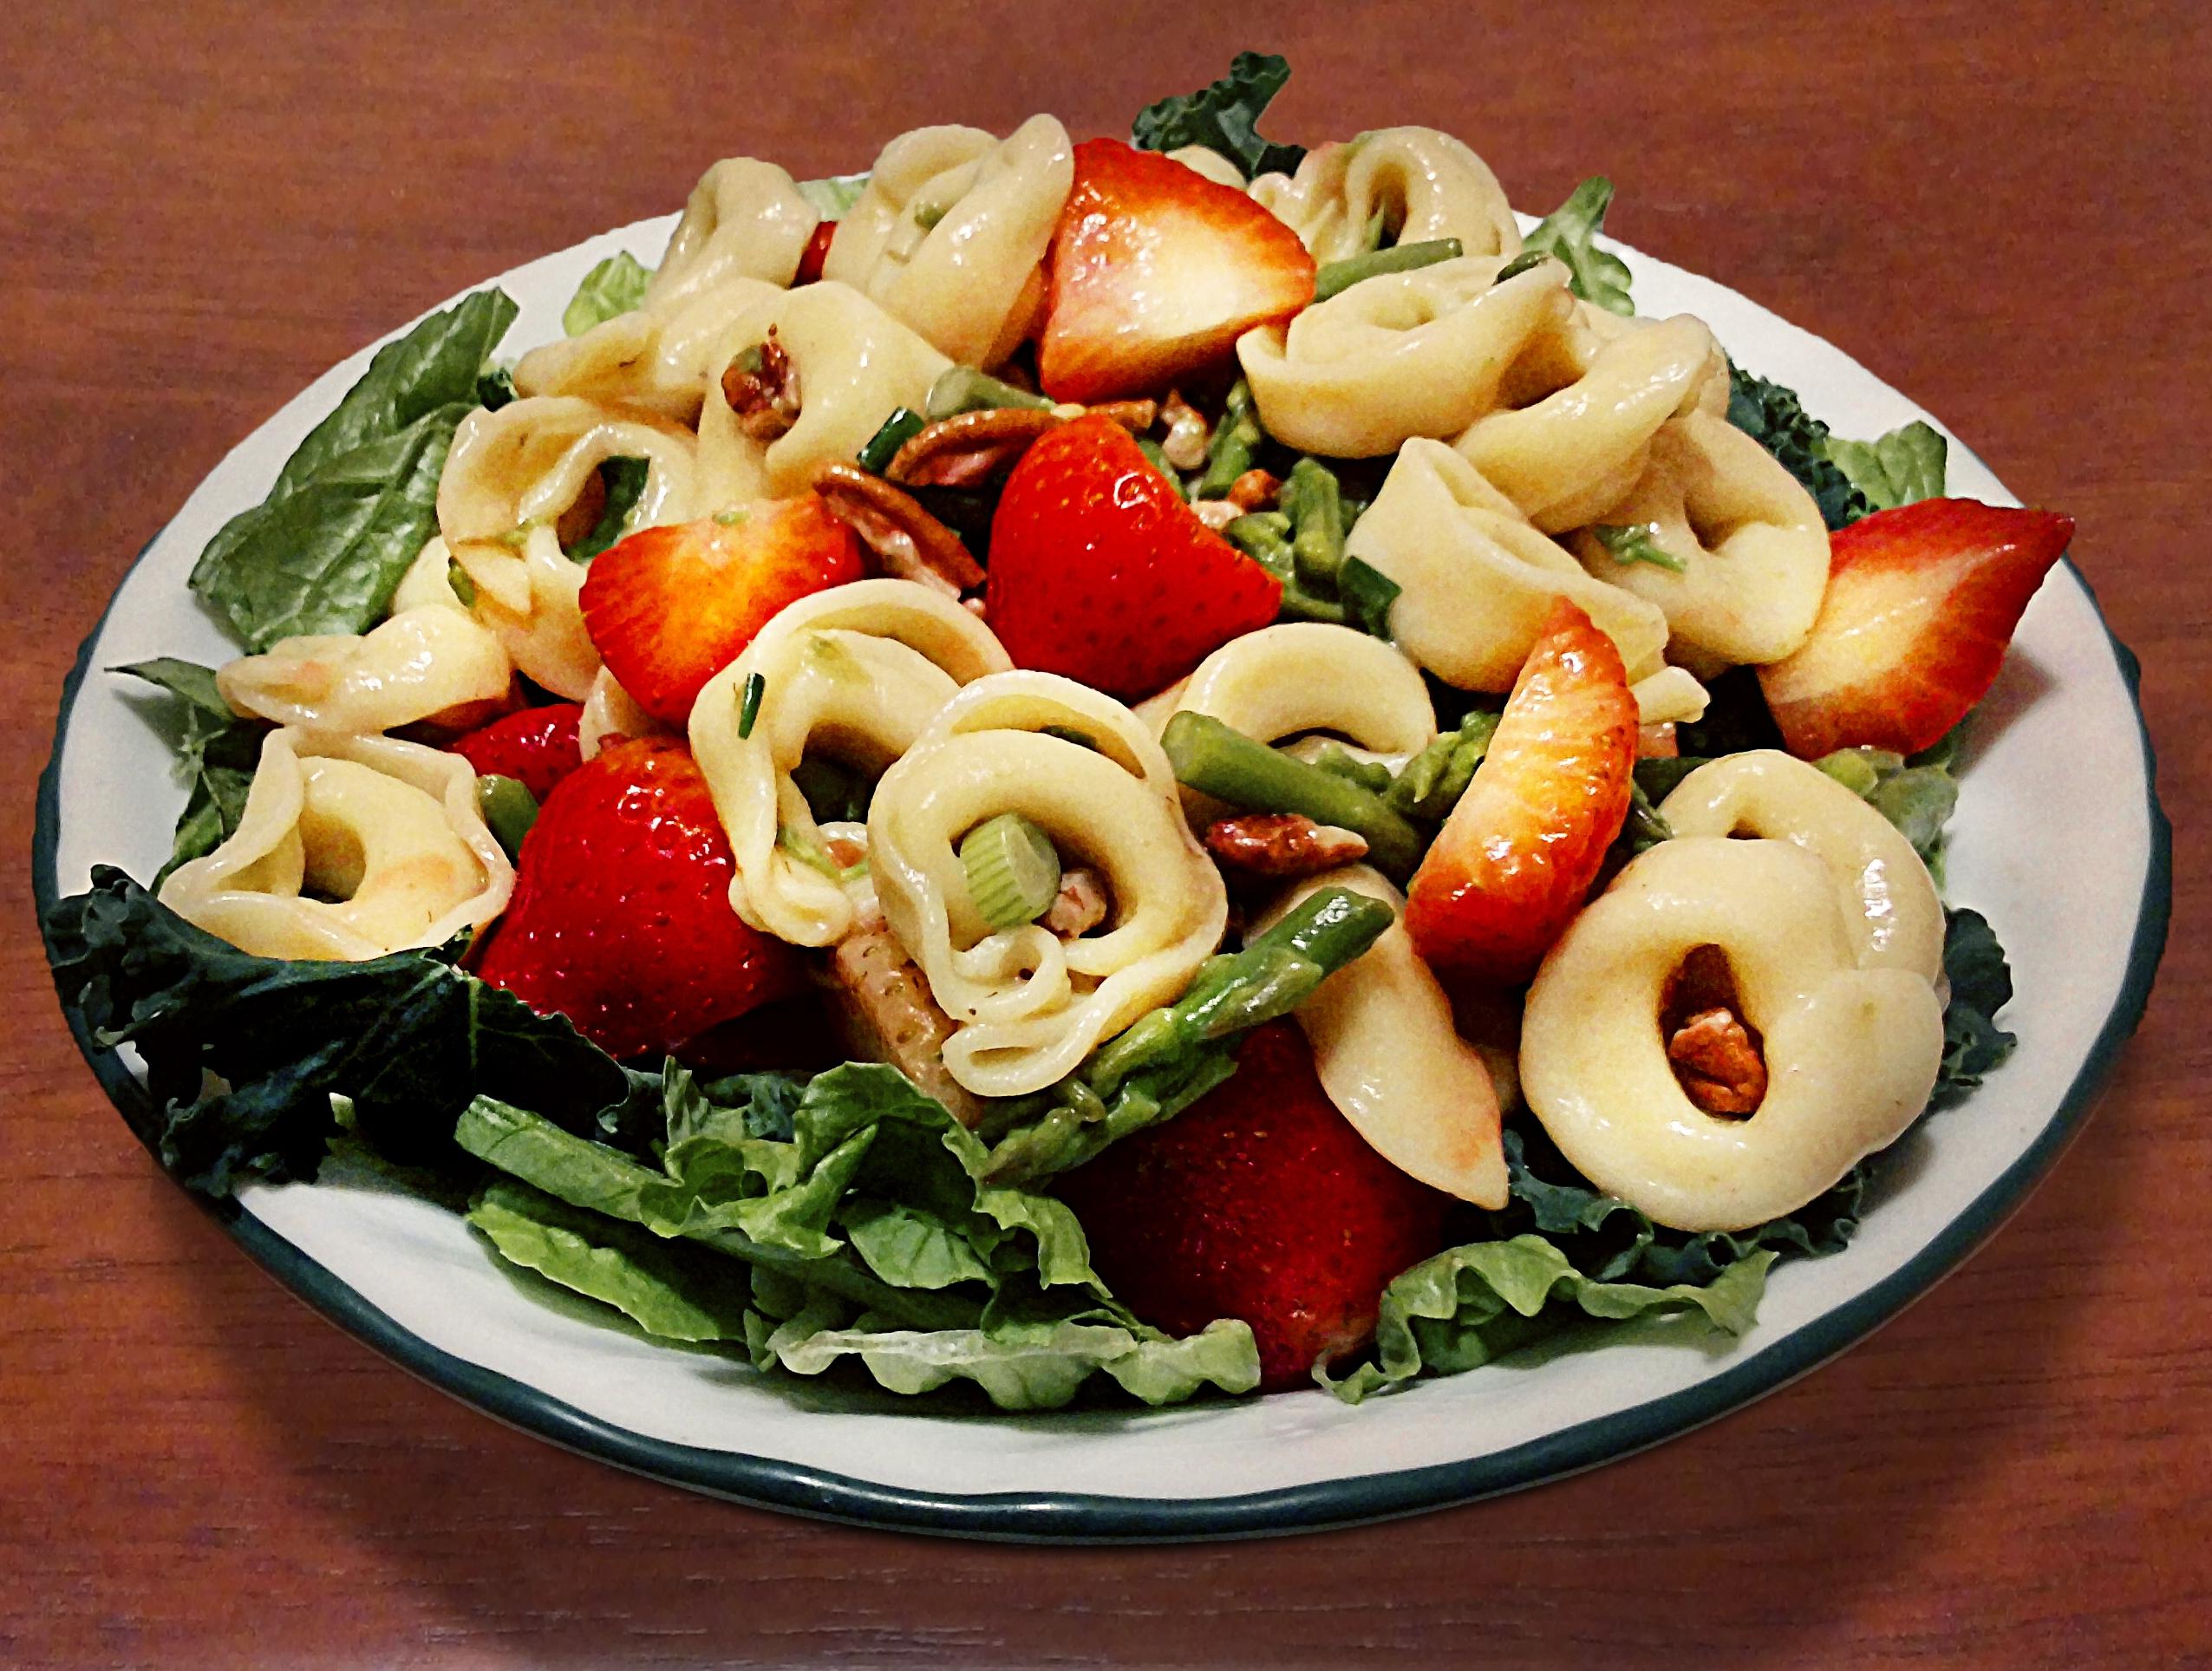 Recipes Course Salad Pasta Salads Quick & Easy Tortellini Salad